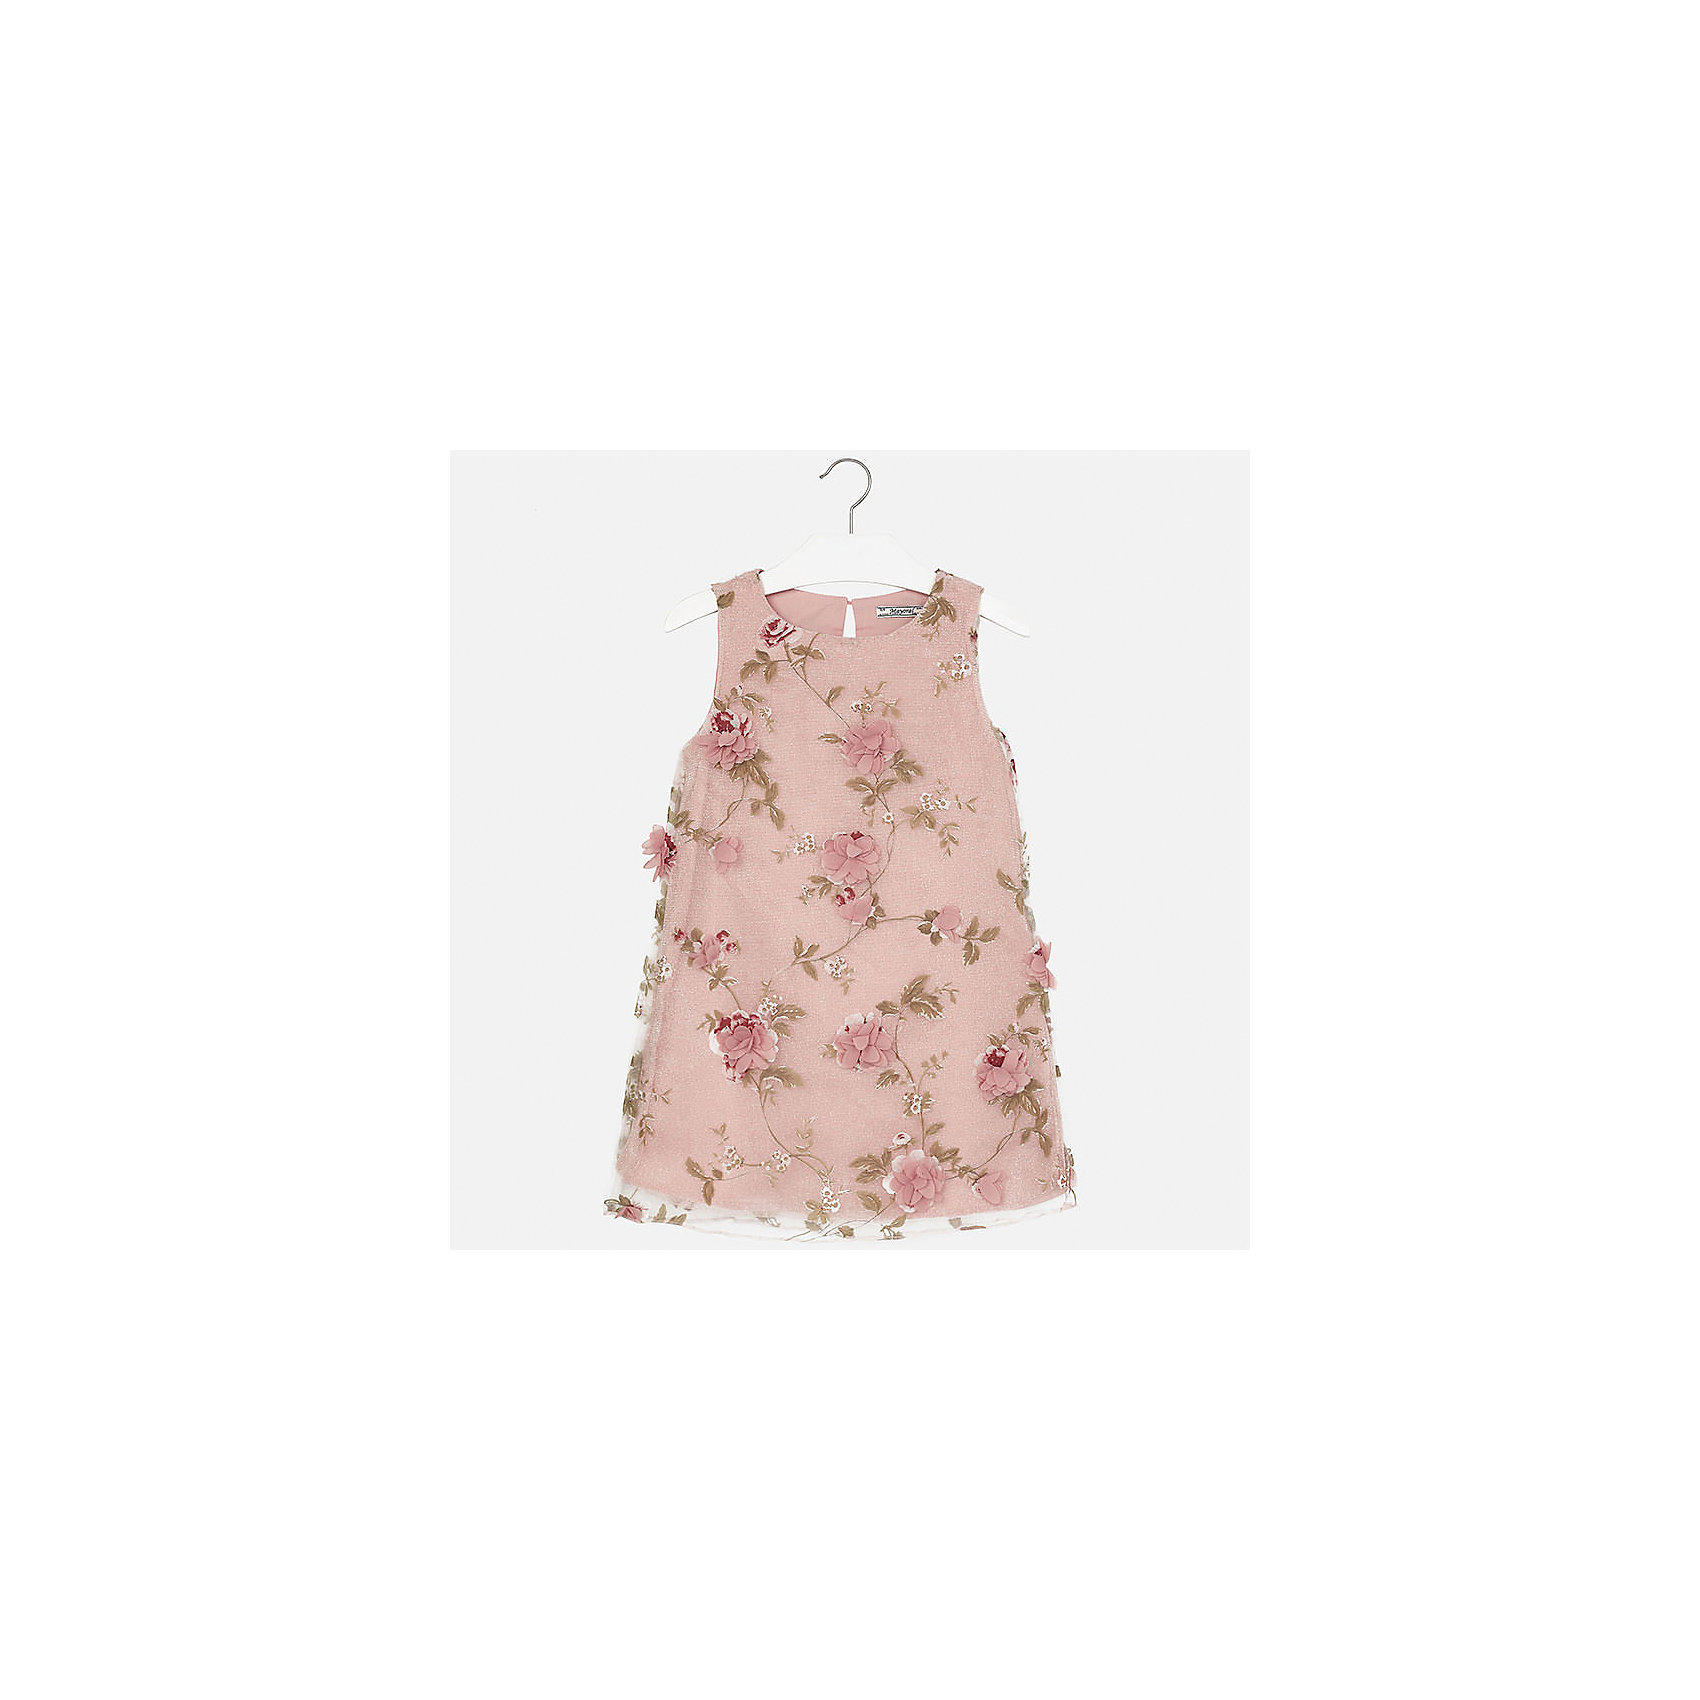 Платье для девочки MayoralОдежда<br>Характеристики товара:<br><br>• цвет: розовый<br>• состав: 50% полиэстер, 43% полиамид, 7% металлическая нить, подкладка - 80% полиэстер, 20% хлопок<br>• застежка: пуговица<br>• прямой силуэт<br>• без рукавов<br>• с подкладкой<br>• страна бренда: Испания<br><br>Нарядное платье для девочки поможет разнообразить гардероб ребенка и создать эффектный наряд. Оно подойдет для различных случаев. Красивый оттенок позволяет подобрать к вещи обувь разных расцветок. Платье хорошо сидит по фигуре.<br><br>Одежда, обувь и аксессуары от испанского бренда Mayoral полюбились детям и взрослым по всему миру. Модели этой марки - стильные и удобные. Для их производства используются только безопасные, качественные материалы и фурнитура. Порадуйте ребенка модными и красивыми вещами от Mayoral! <br><br>Платье для девочки от испанского бренда Mayoral (Майорал) можно купить в нашем интернет-магазине.<br><br>Ширина мм: 236<br>Глубина мм: 16<br>Высота мм: 184<br>Вес г: 177<br>Цвет: розовый<br>Возраст от месяцев: 108<br>Возраст до месяцев: 120<br>Пол: Женский<br>Возраст: Детский<br>Размер: 140,164,128/134,152,158<br>SKU: 5293225